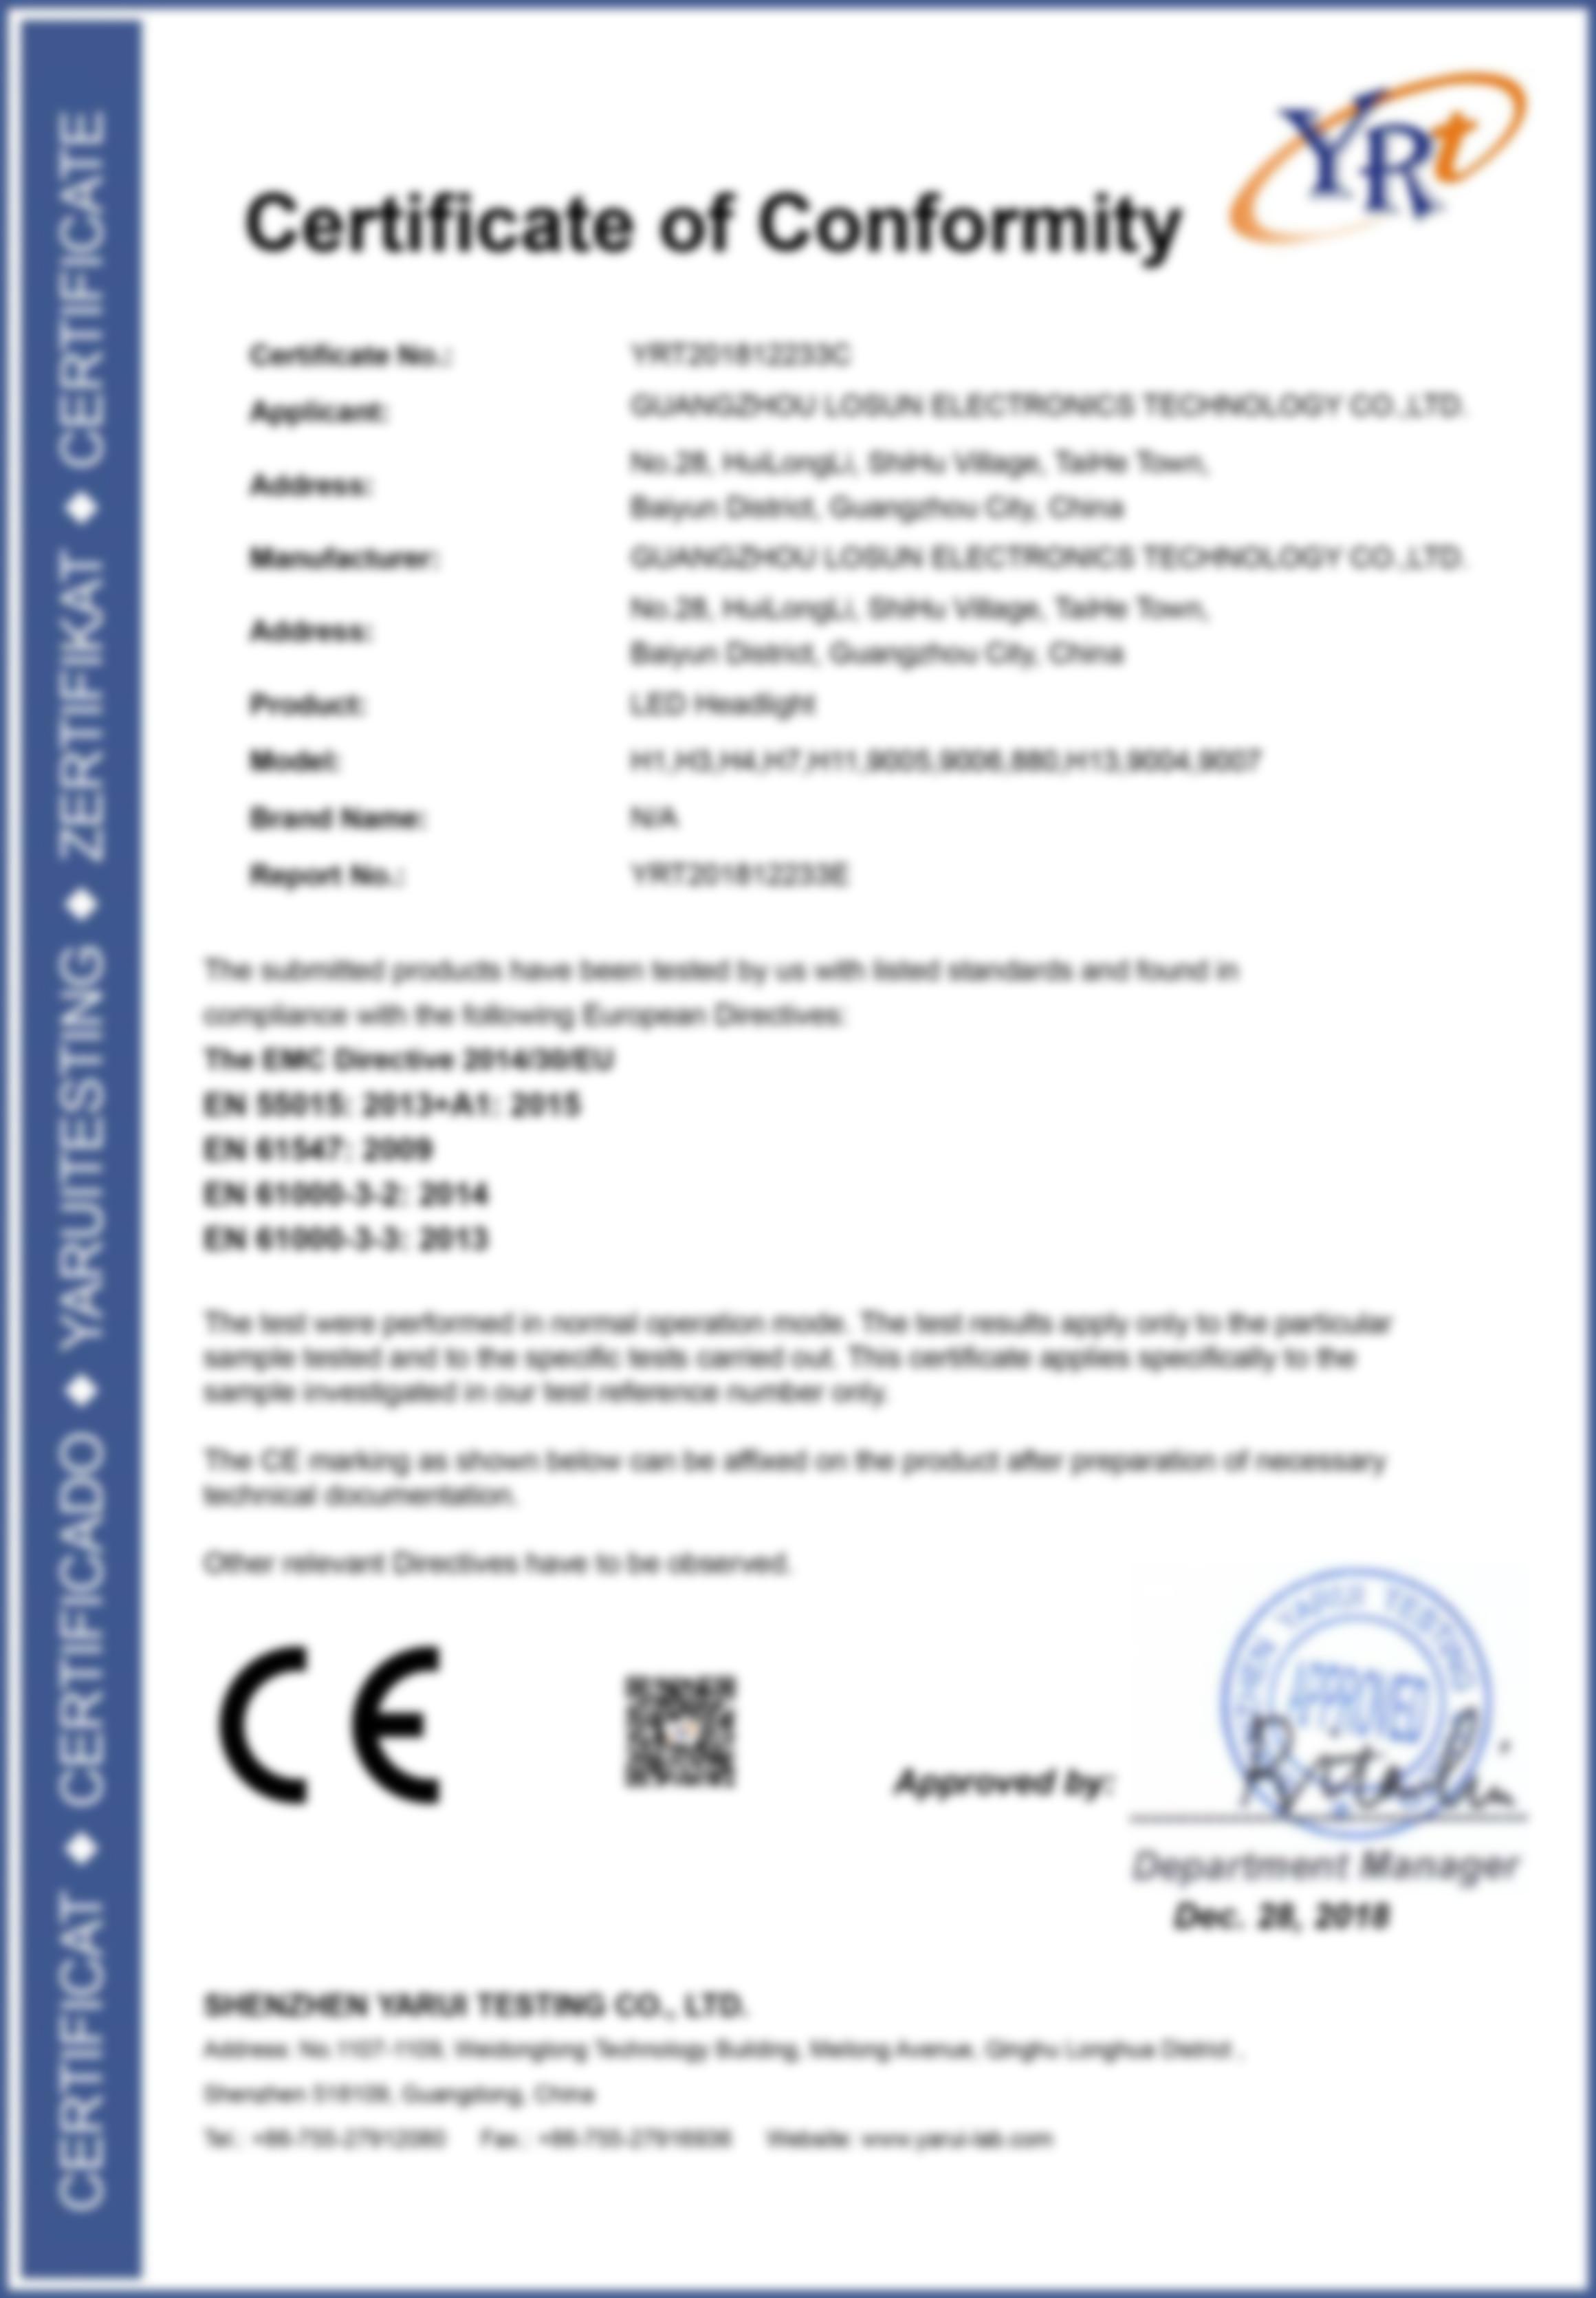 H4e4322651e4e4193a0f4309a957750cbU.jpg